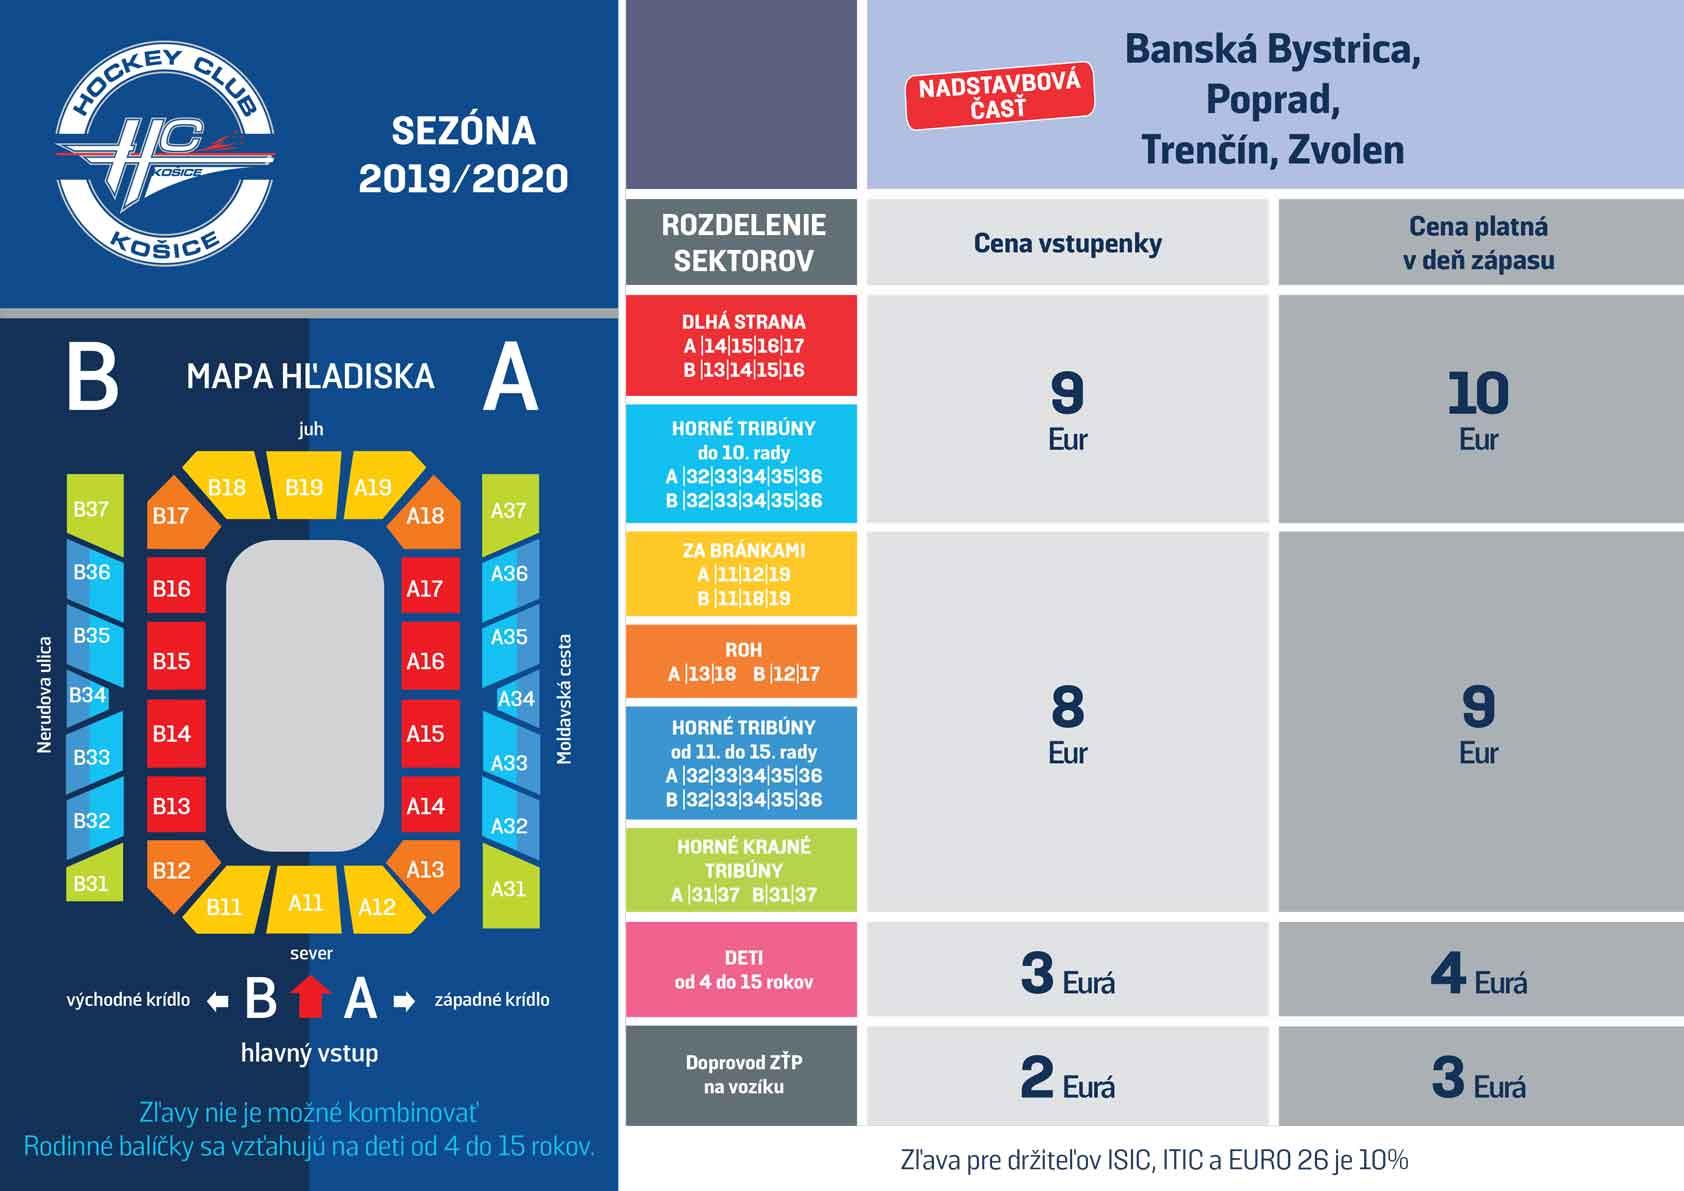 picture 1. Nadstavbové kolo HC Košice - HK Poprad